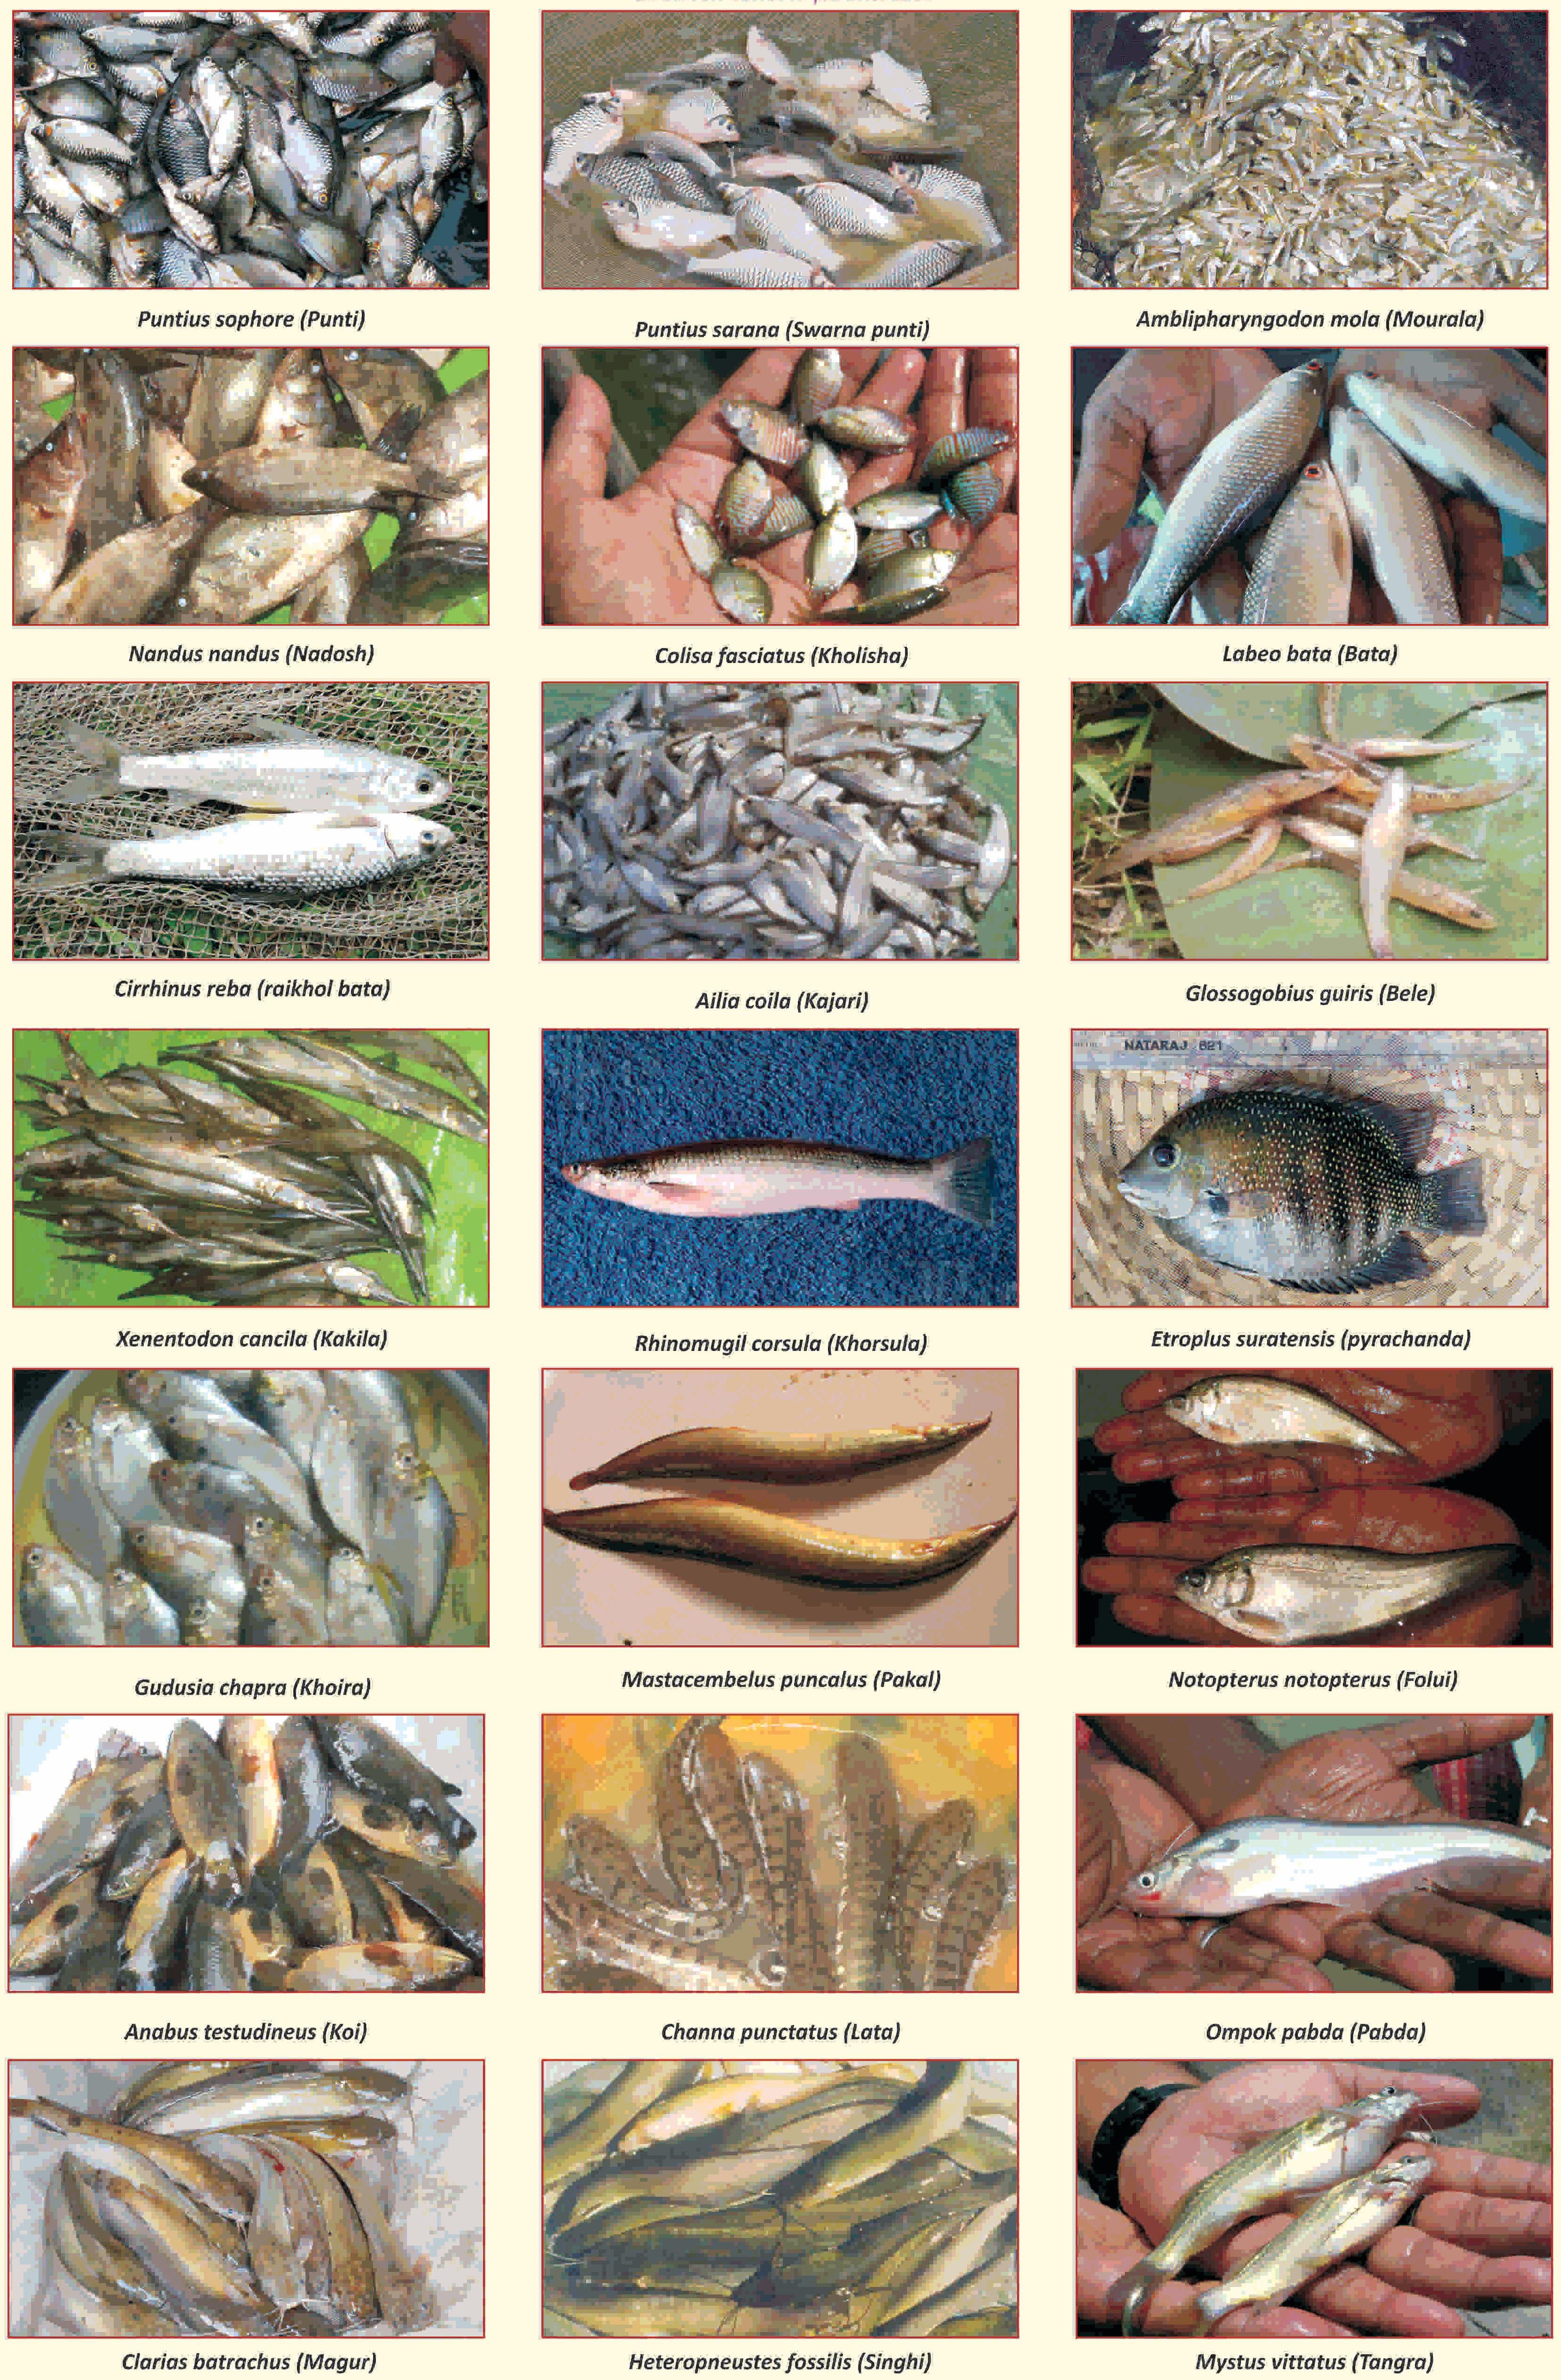 Small fish diversity in rural Bengal